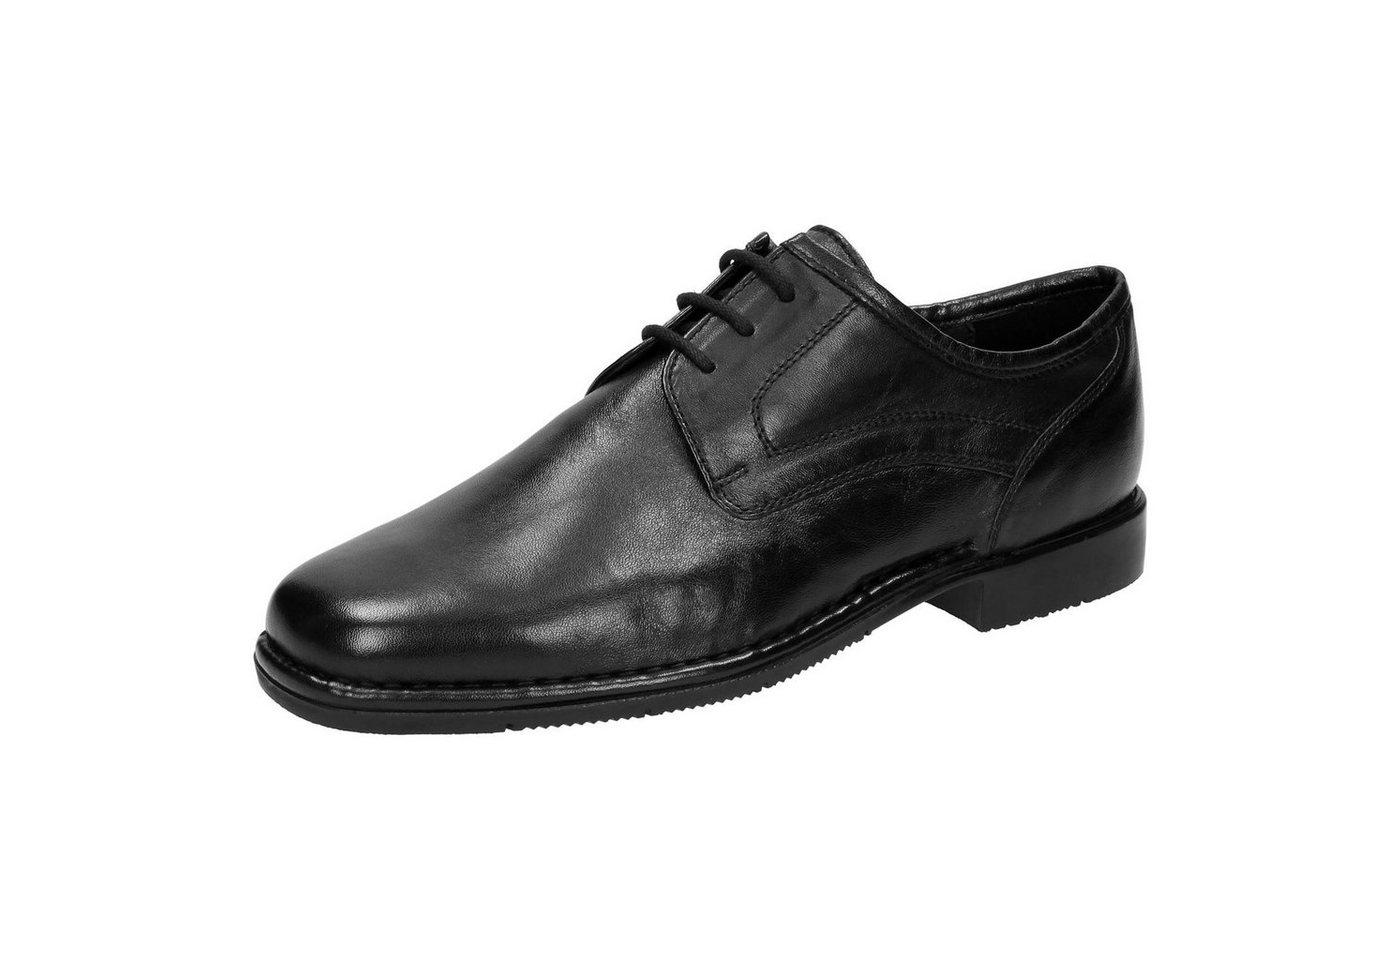 Herren SIOUX Houston-XL Schnürschuh schwarz   04040141008134